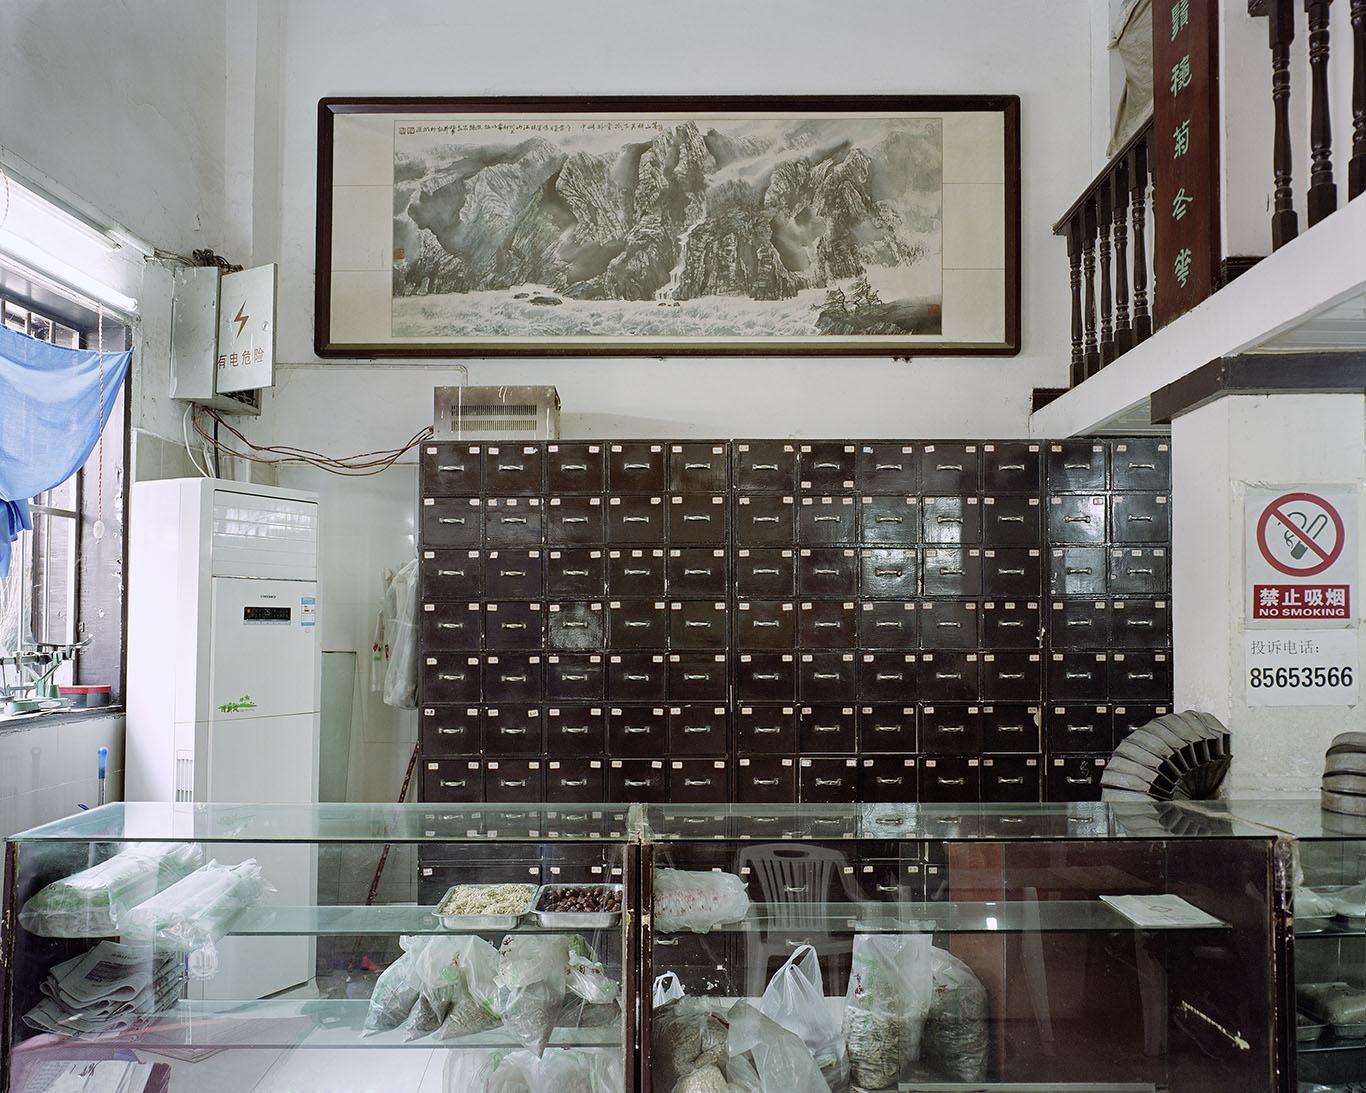 唐晶,《花街楼中医药房》,2017年。泛太克纯棉硫化钡艺术微喷,100cm x 140cm。图片由艺术家提供。